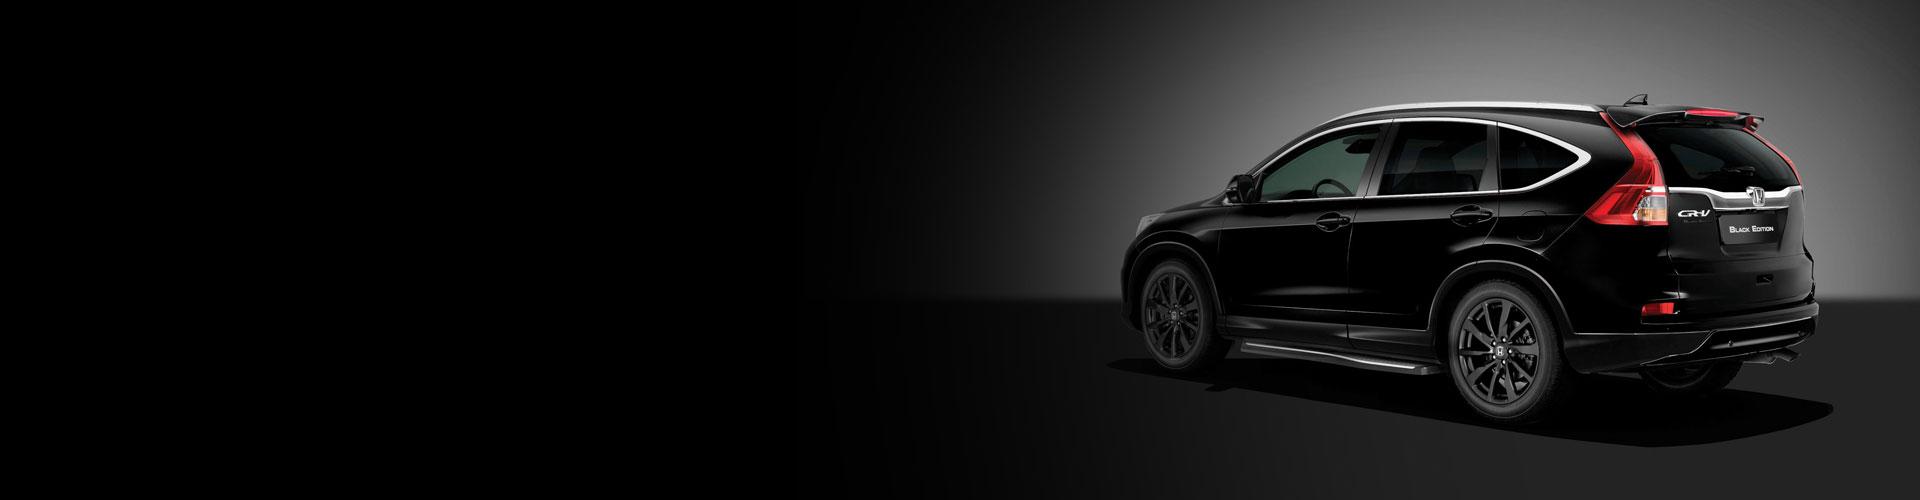 Honda CR-V 50/50 Offer